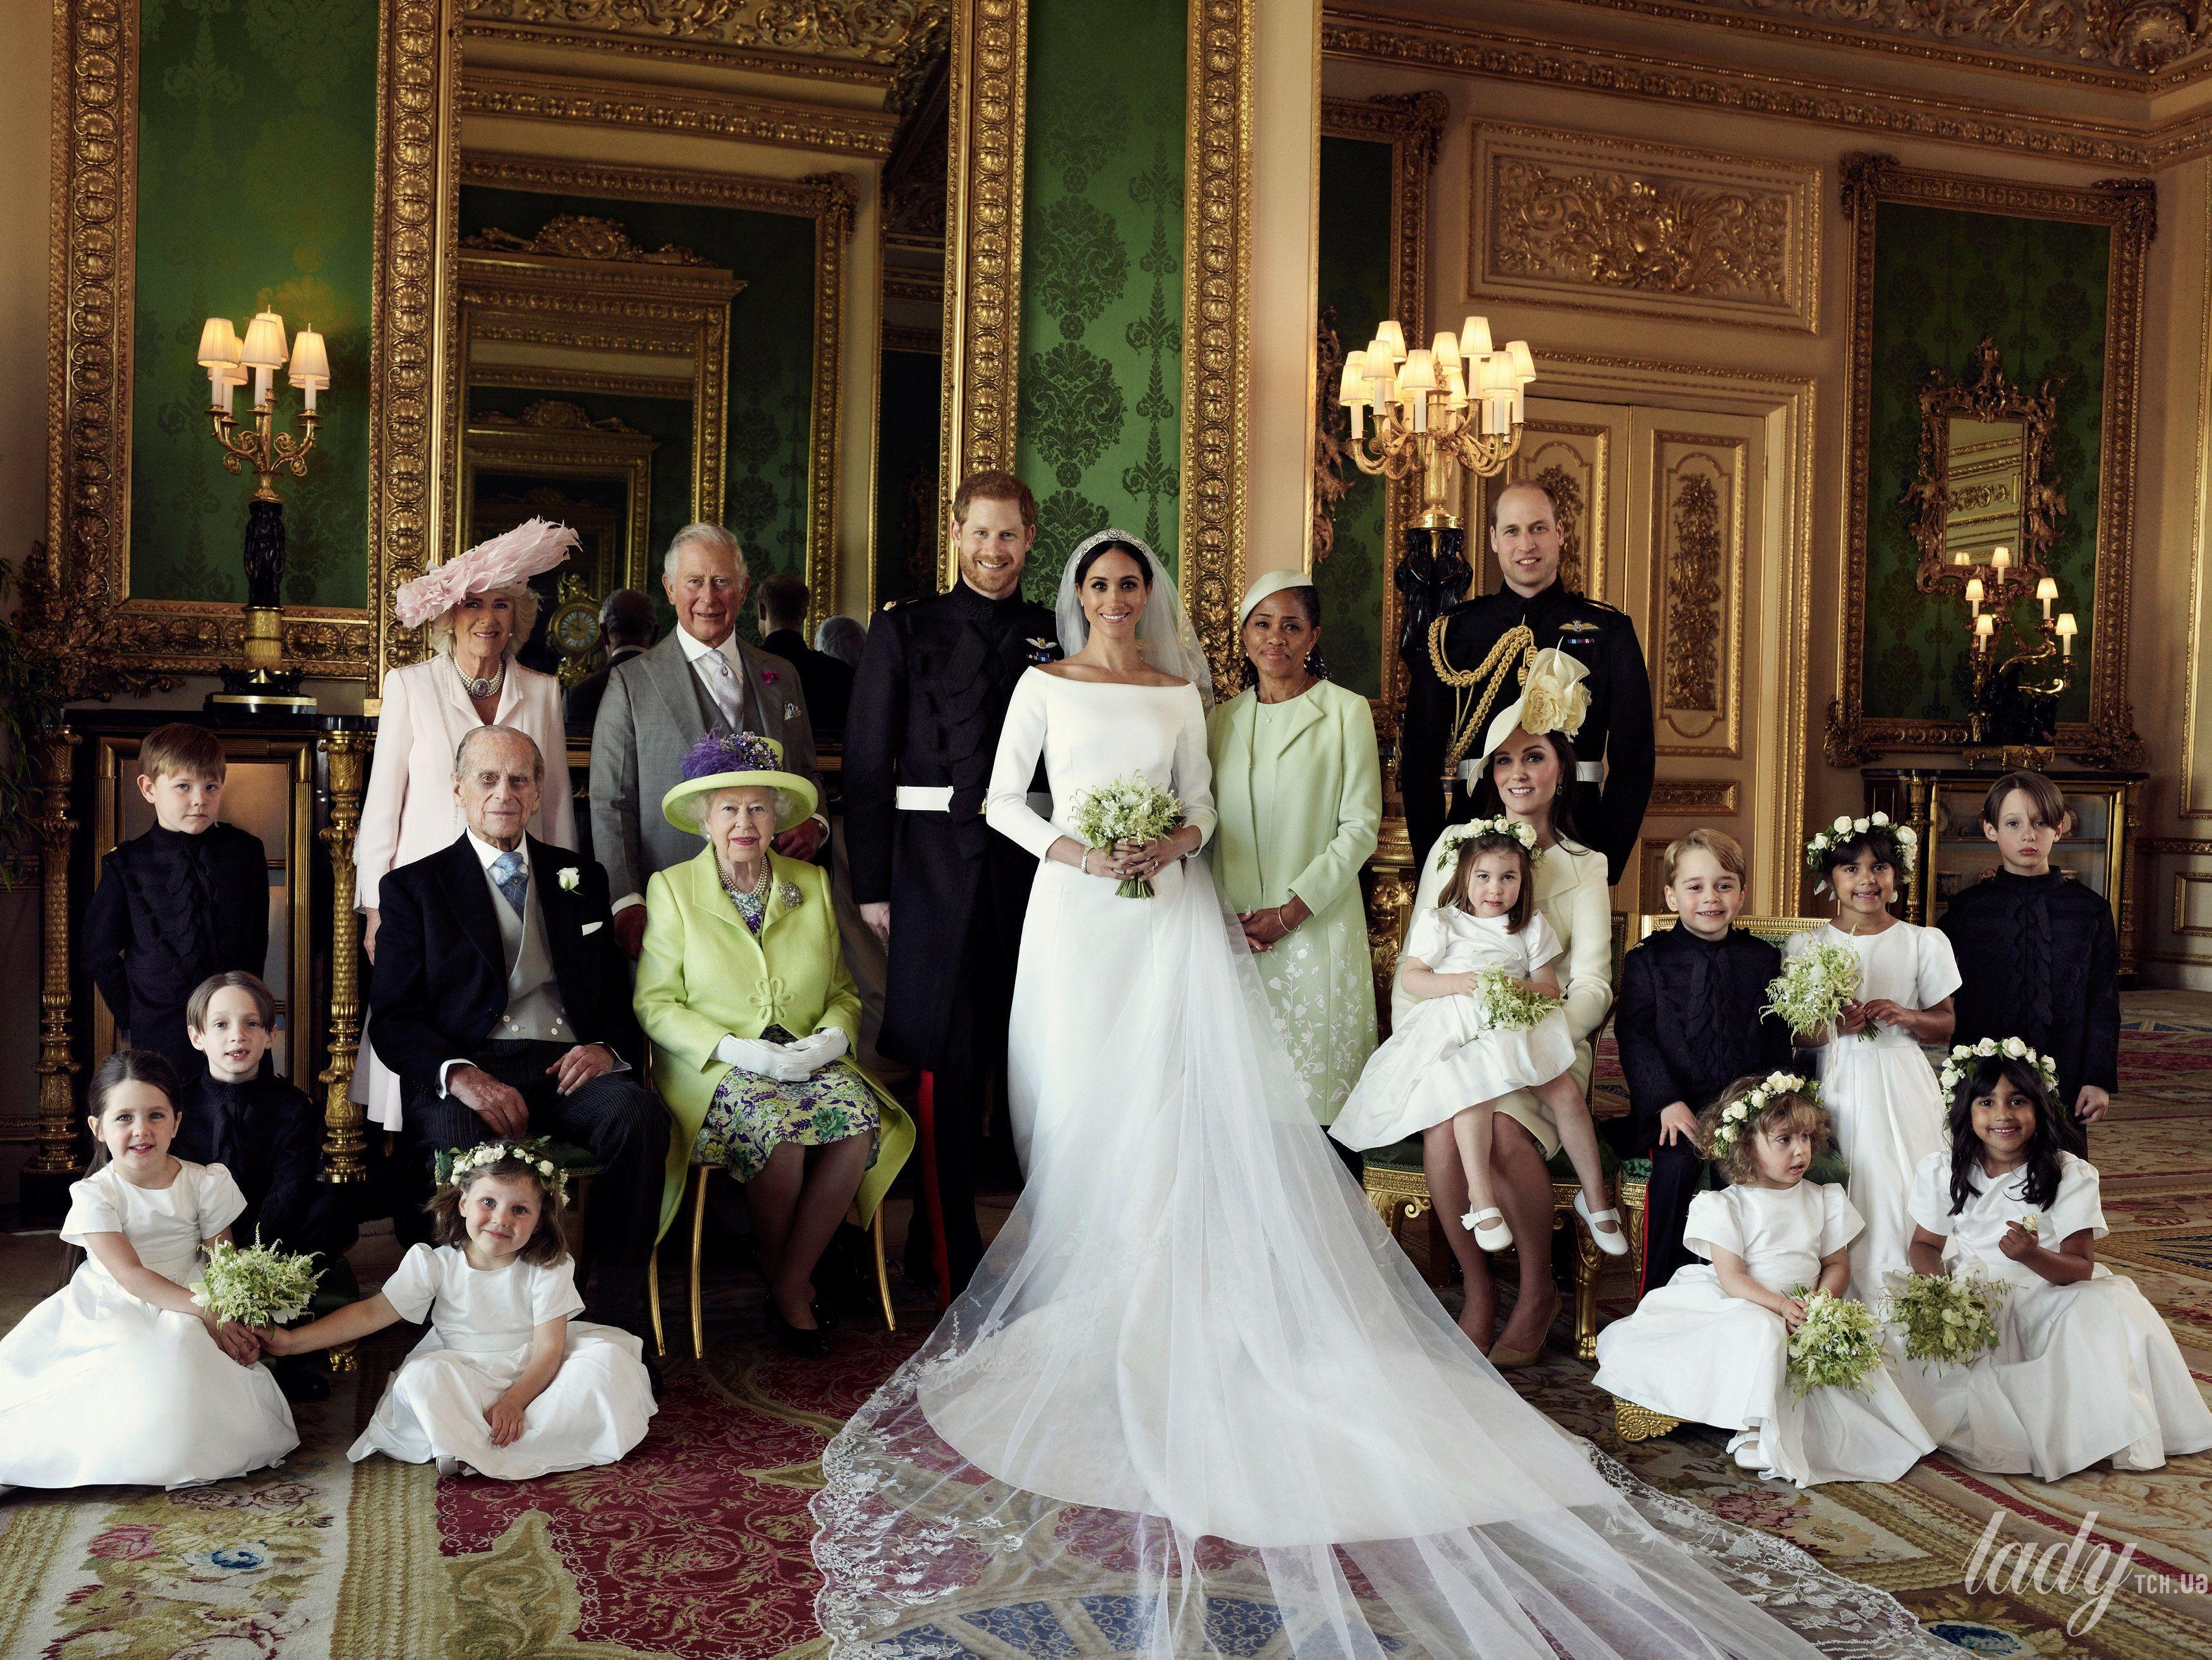 Королевская свадьба Меган и Гарри_5